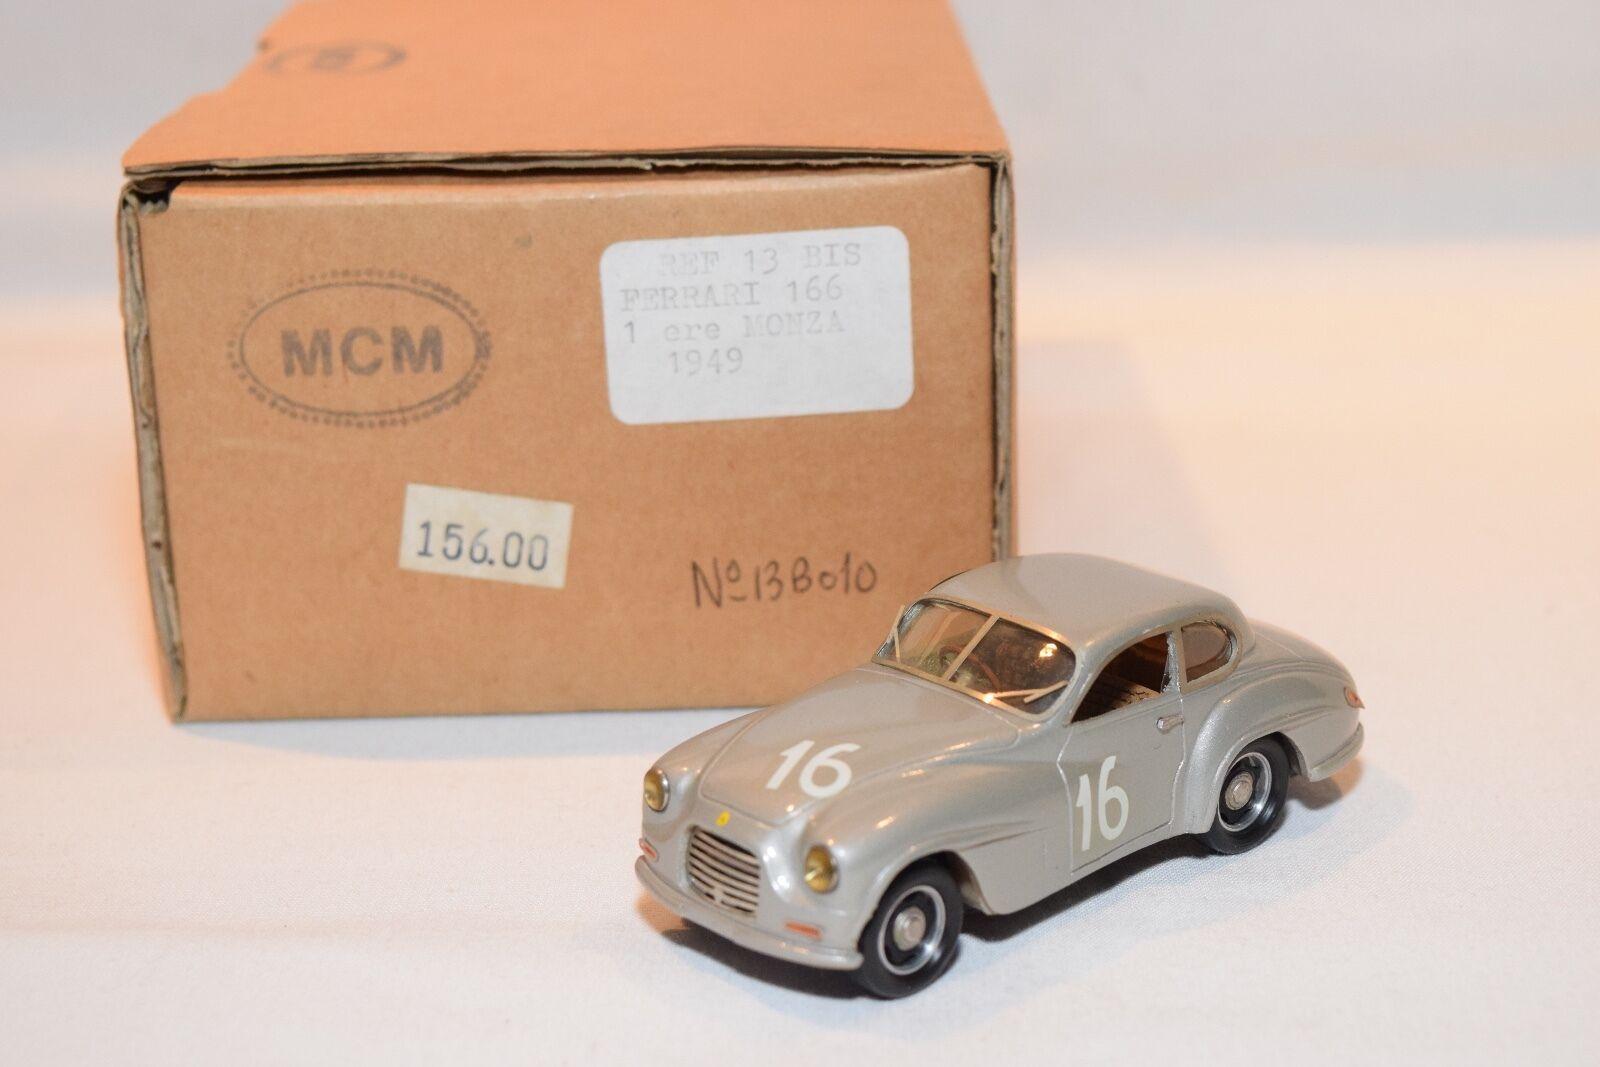 Mcm - 13 bis 13bis kit hand bauen ferrari 166 monza 1949 grauen nm boxed selten